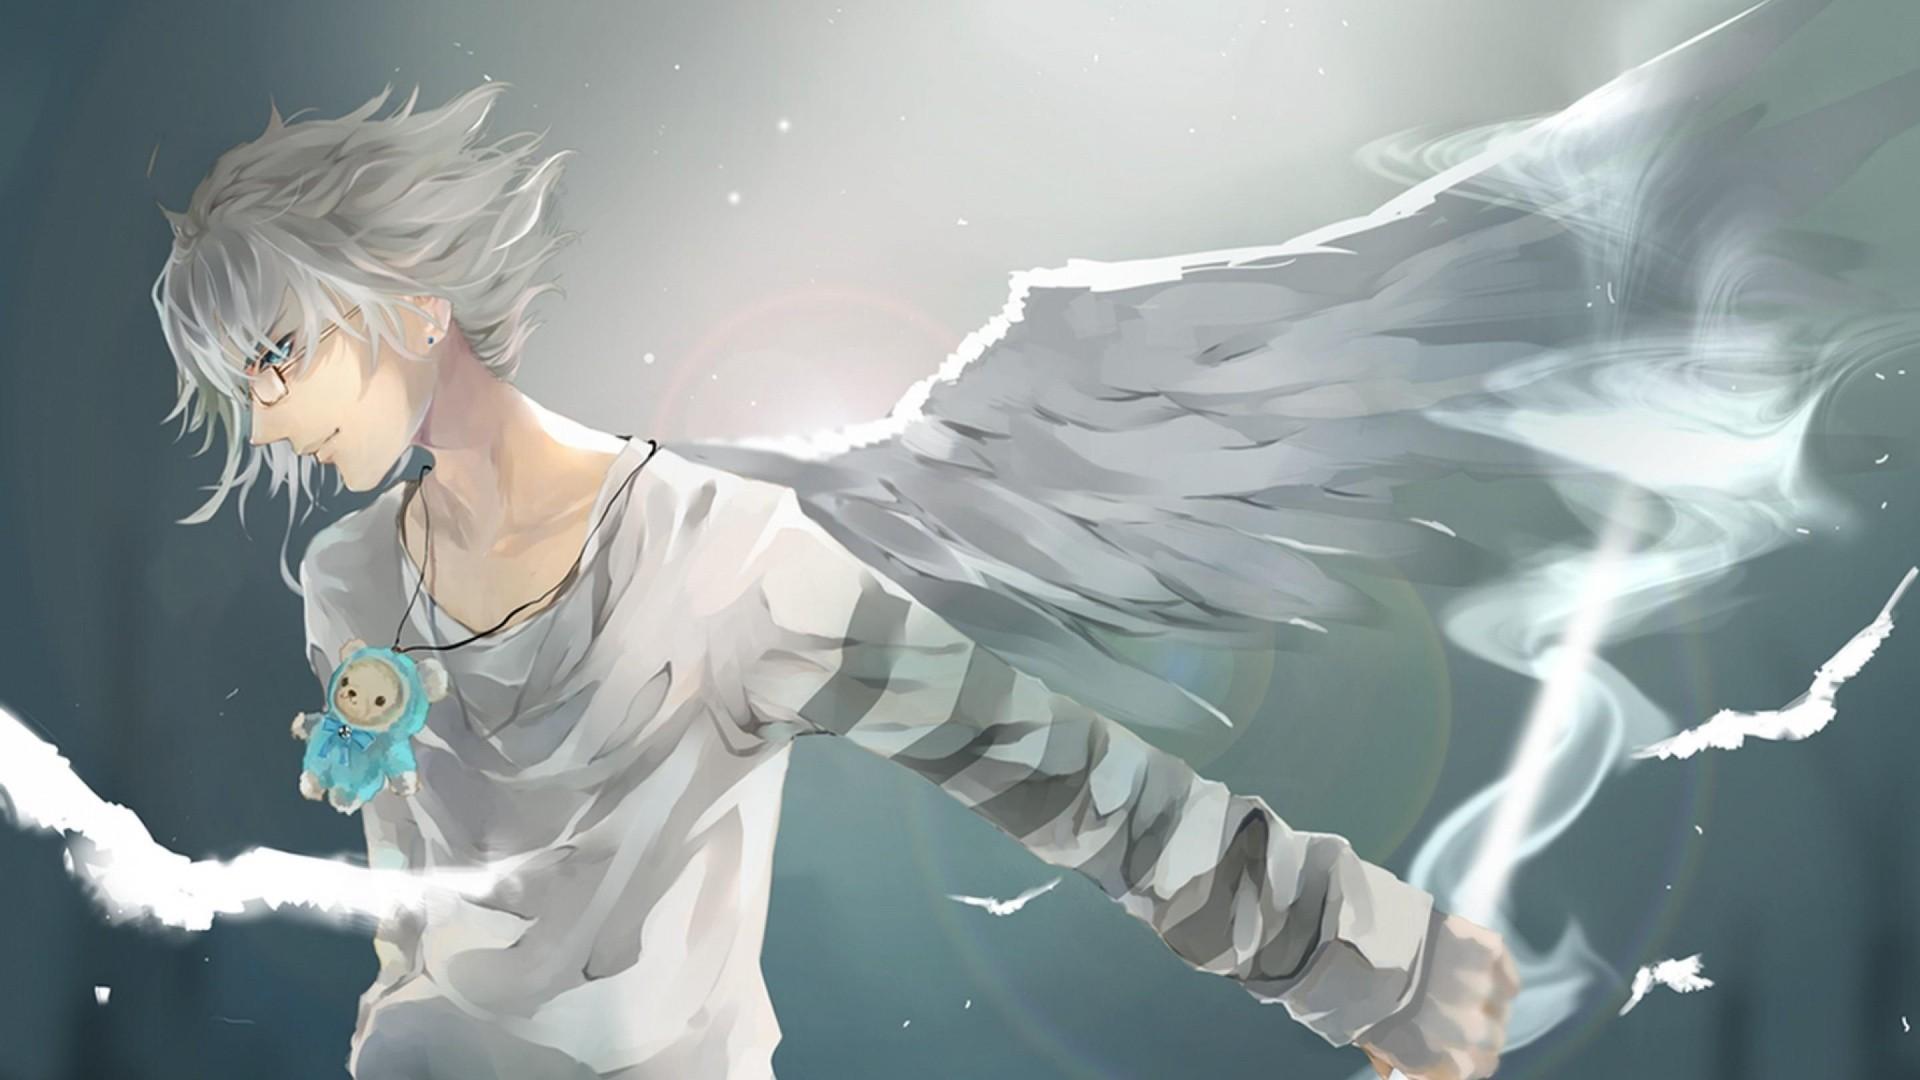 Anime Boy hd desktop wallpaper